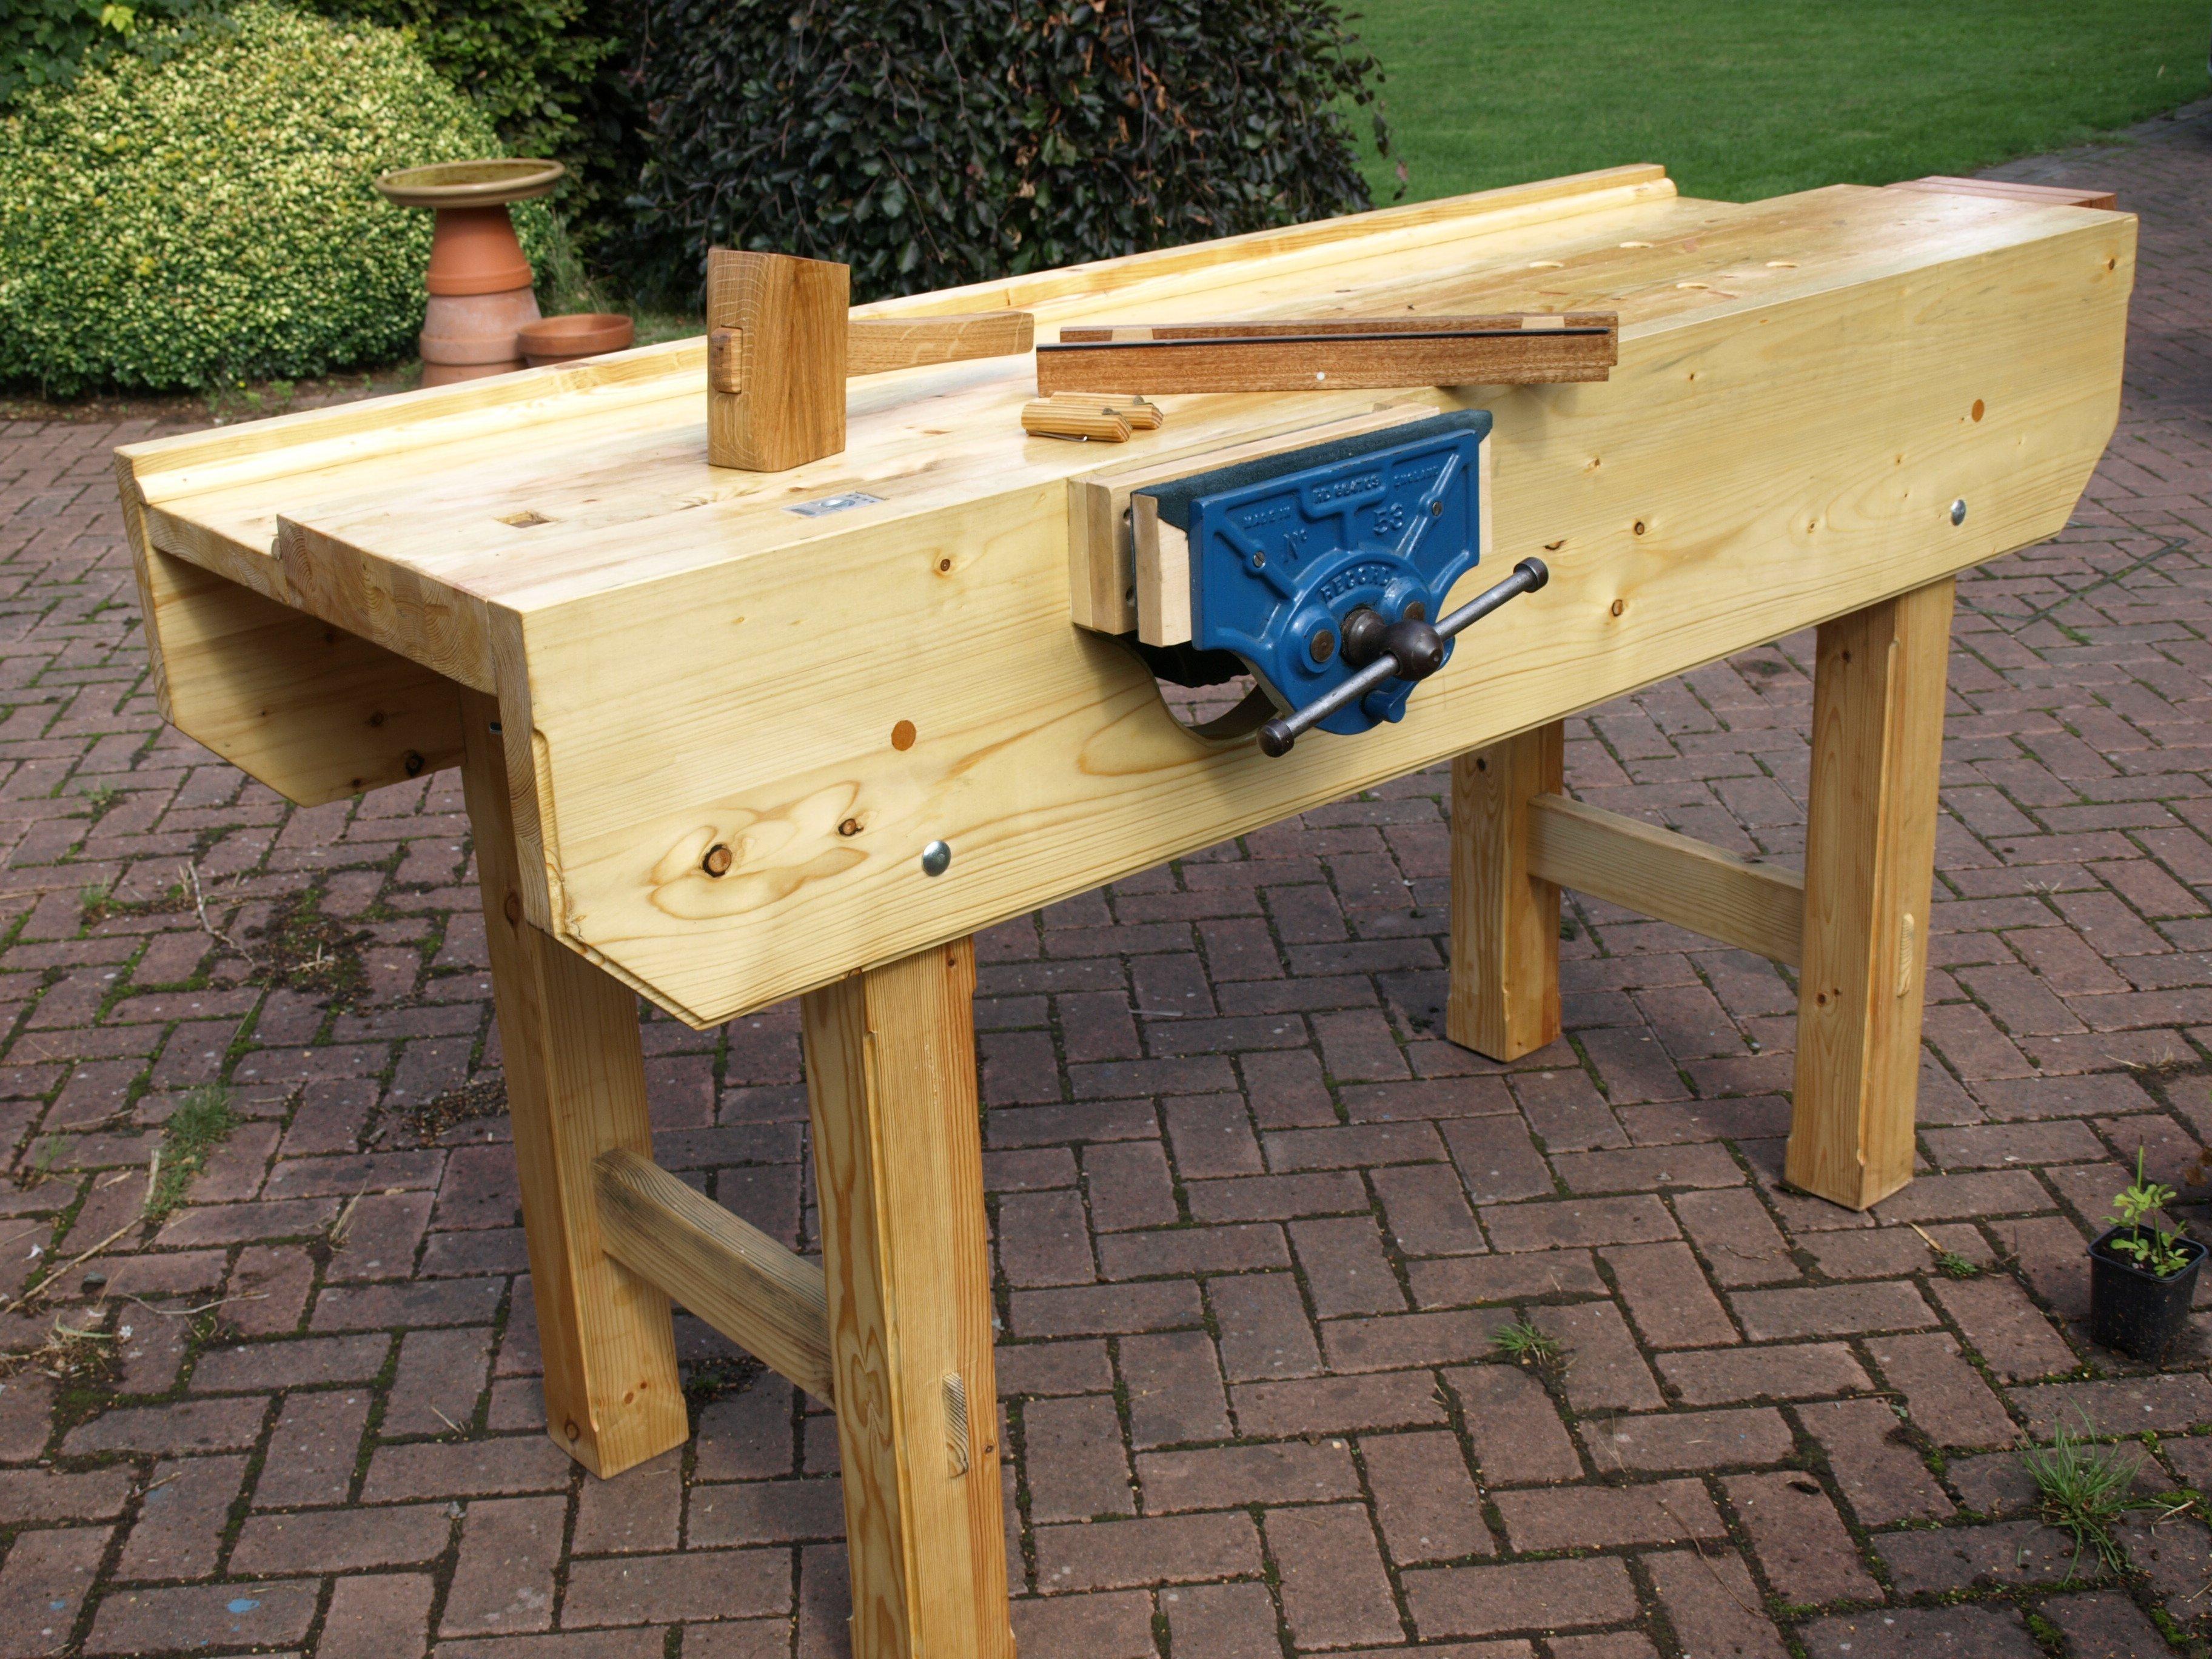 Workbench by Steve